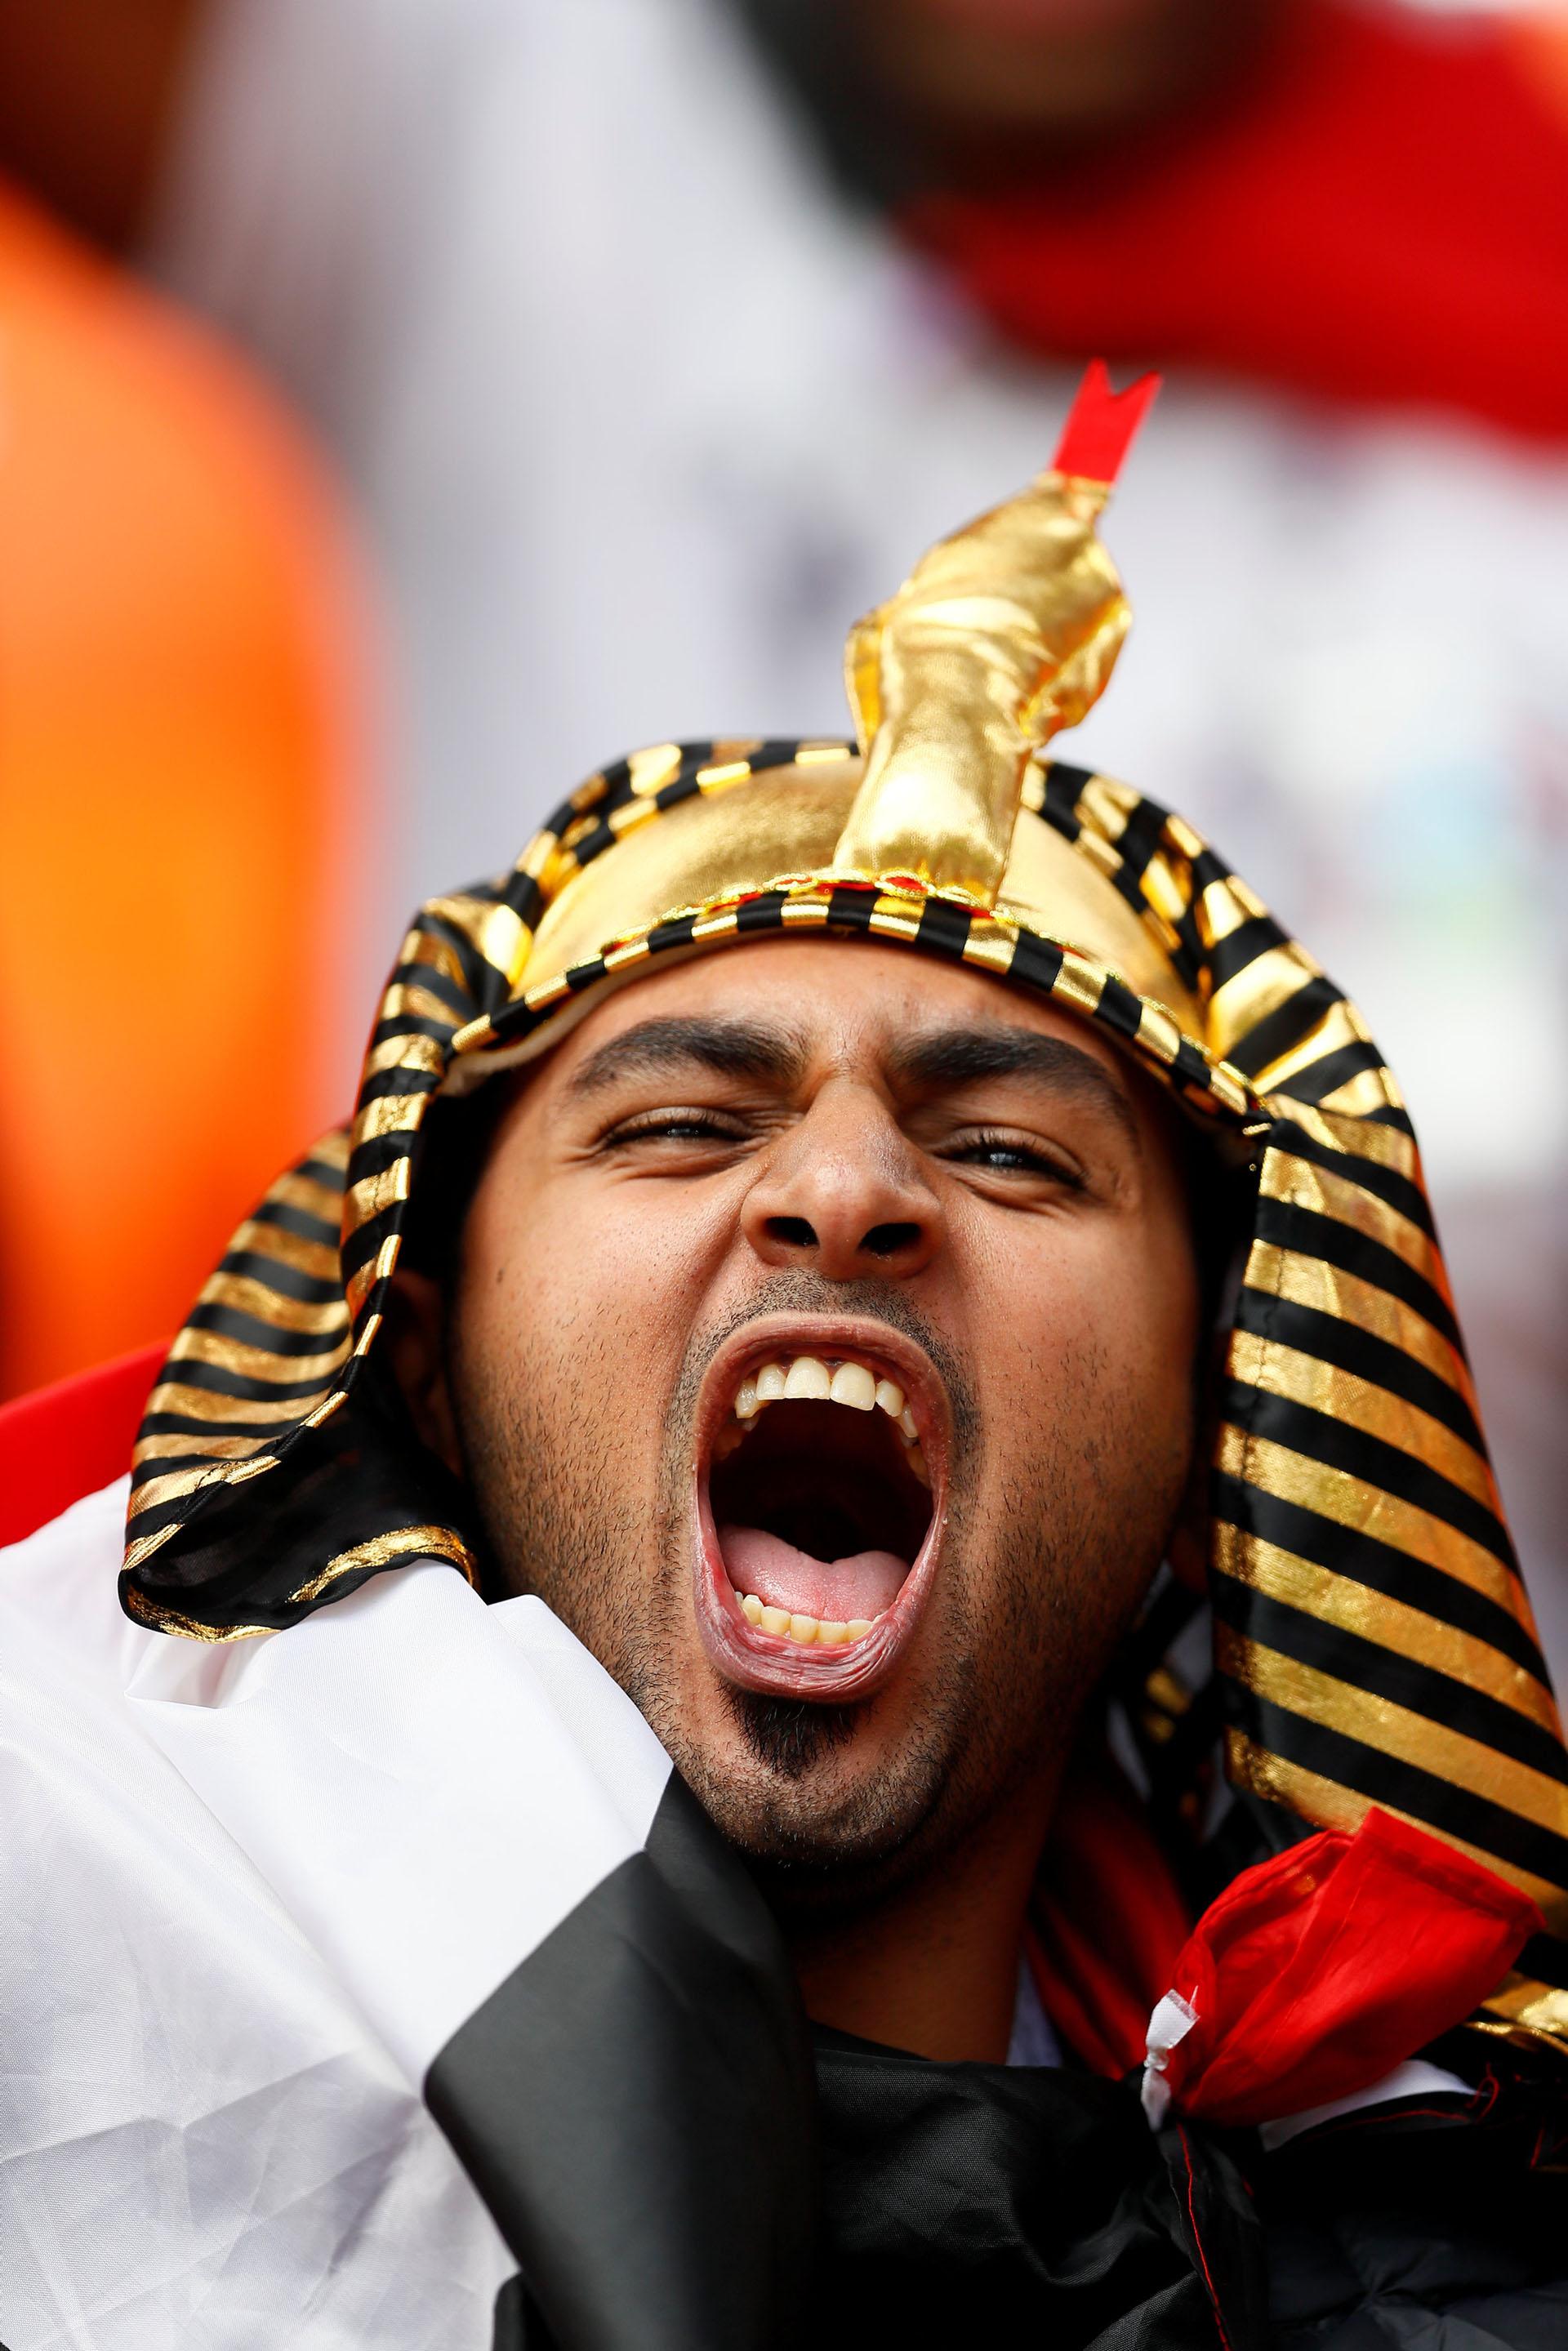 Egipto tendrá que enfrentarse a Rusia y Arabia Saudita en sus próximos partidos